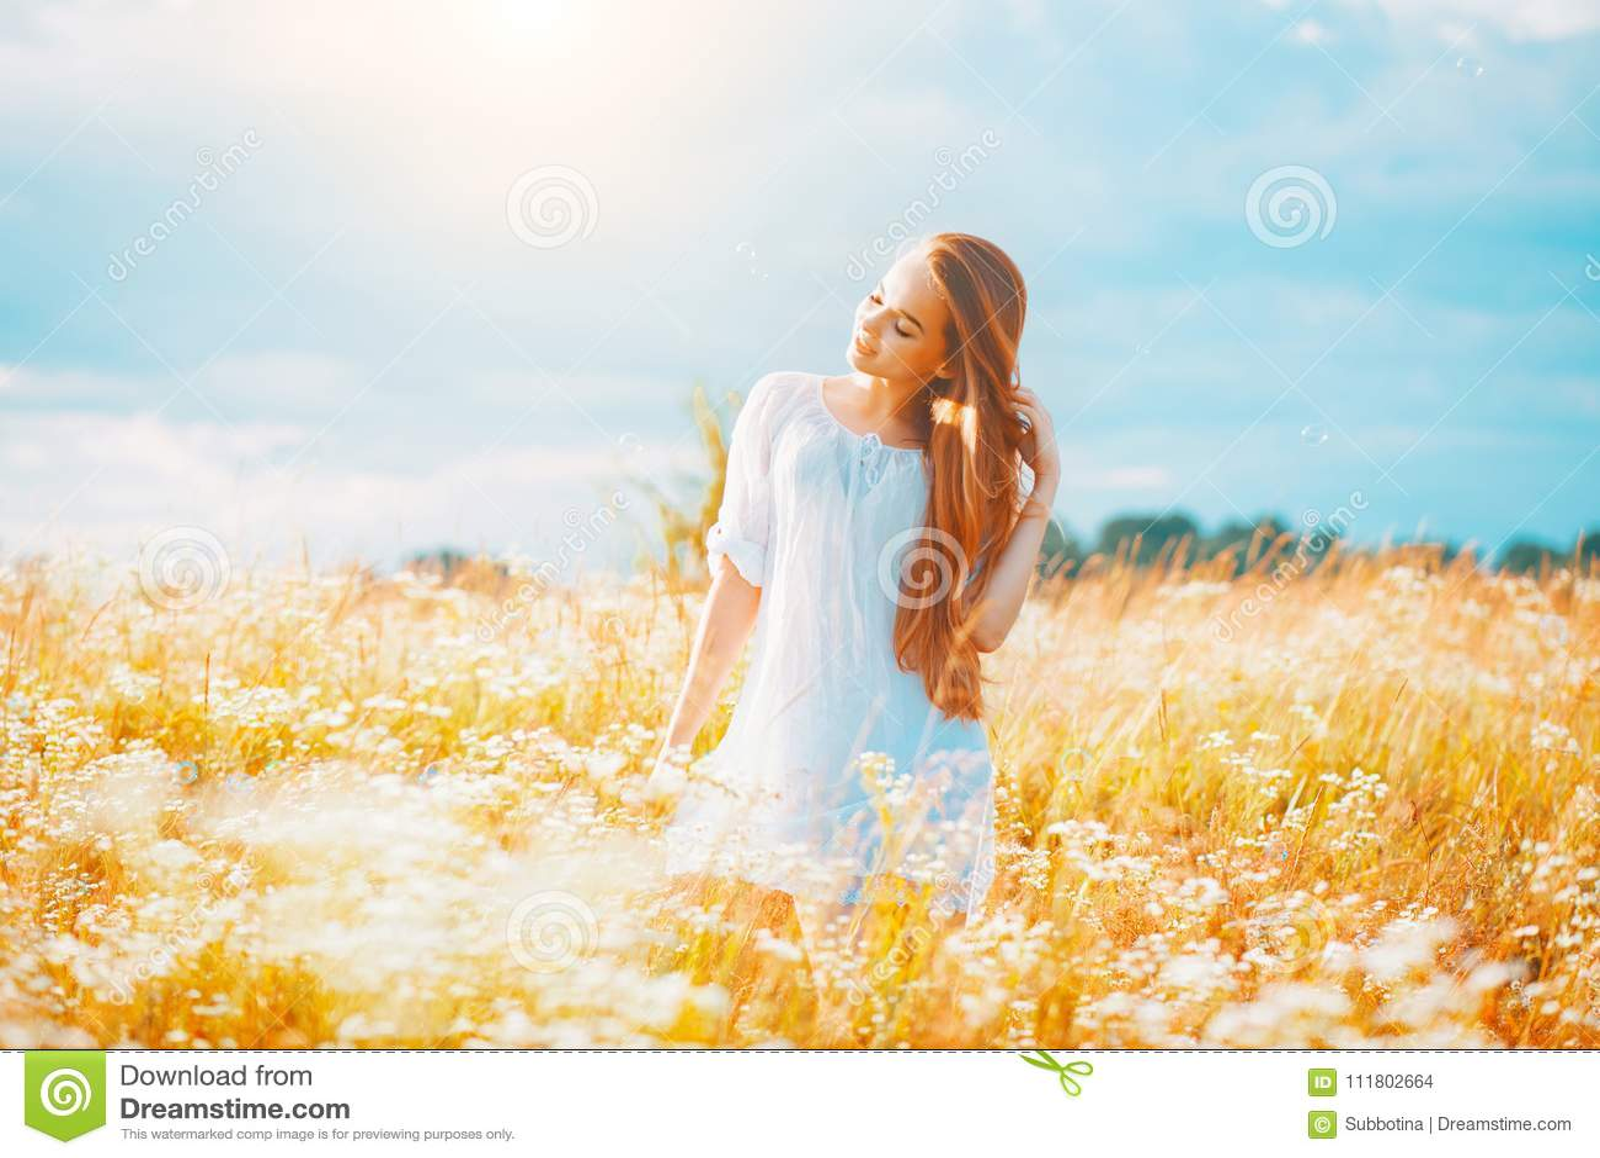 Schoonheidsmeisje die in openlucht van aard genieten Mooi tiener modelmeisje met gezond lang haar in witte kleding